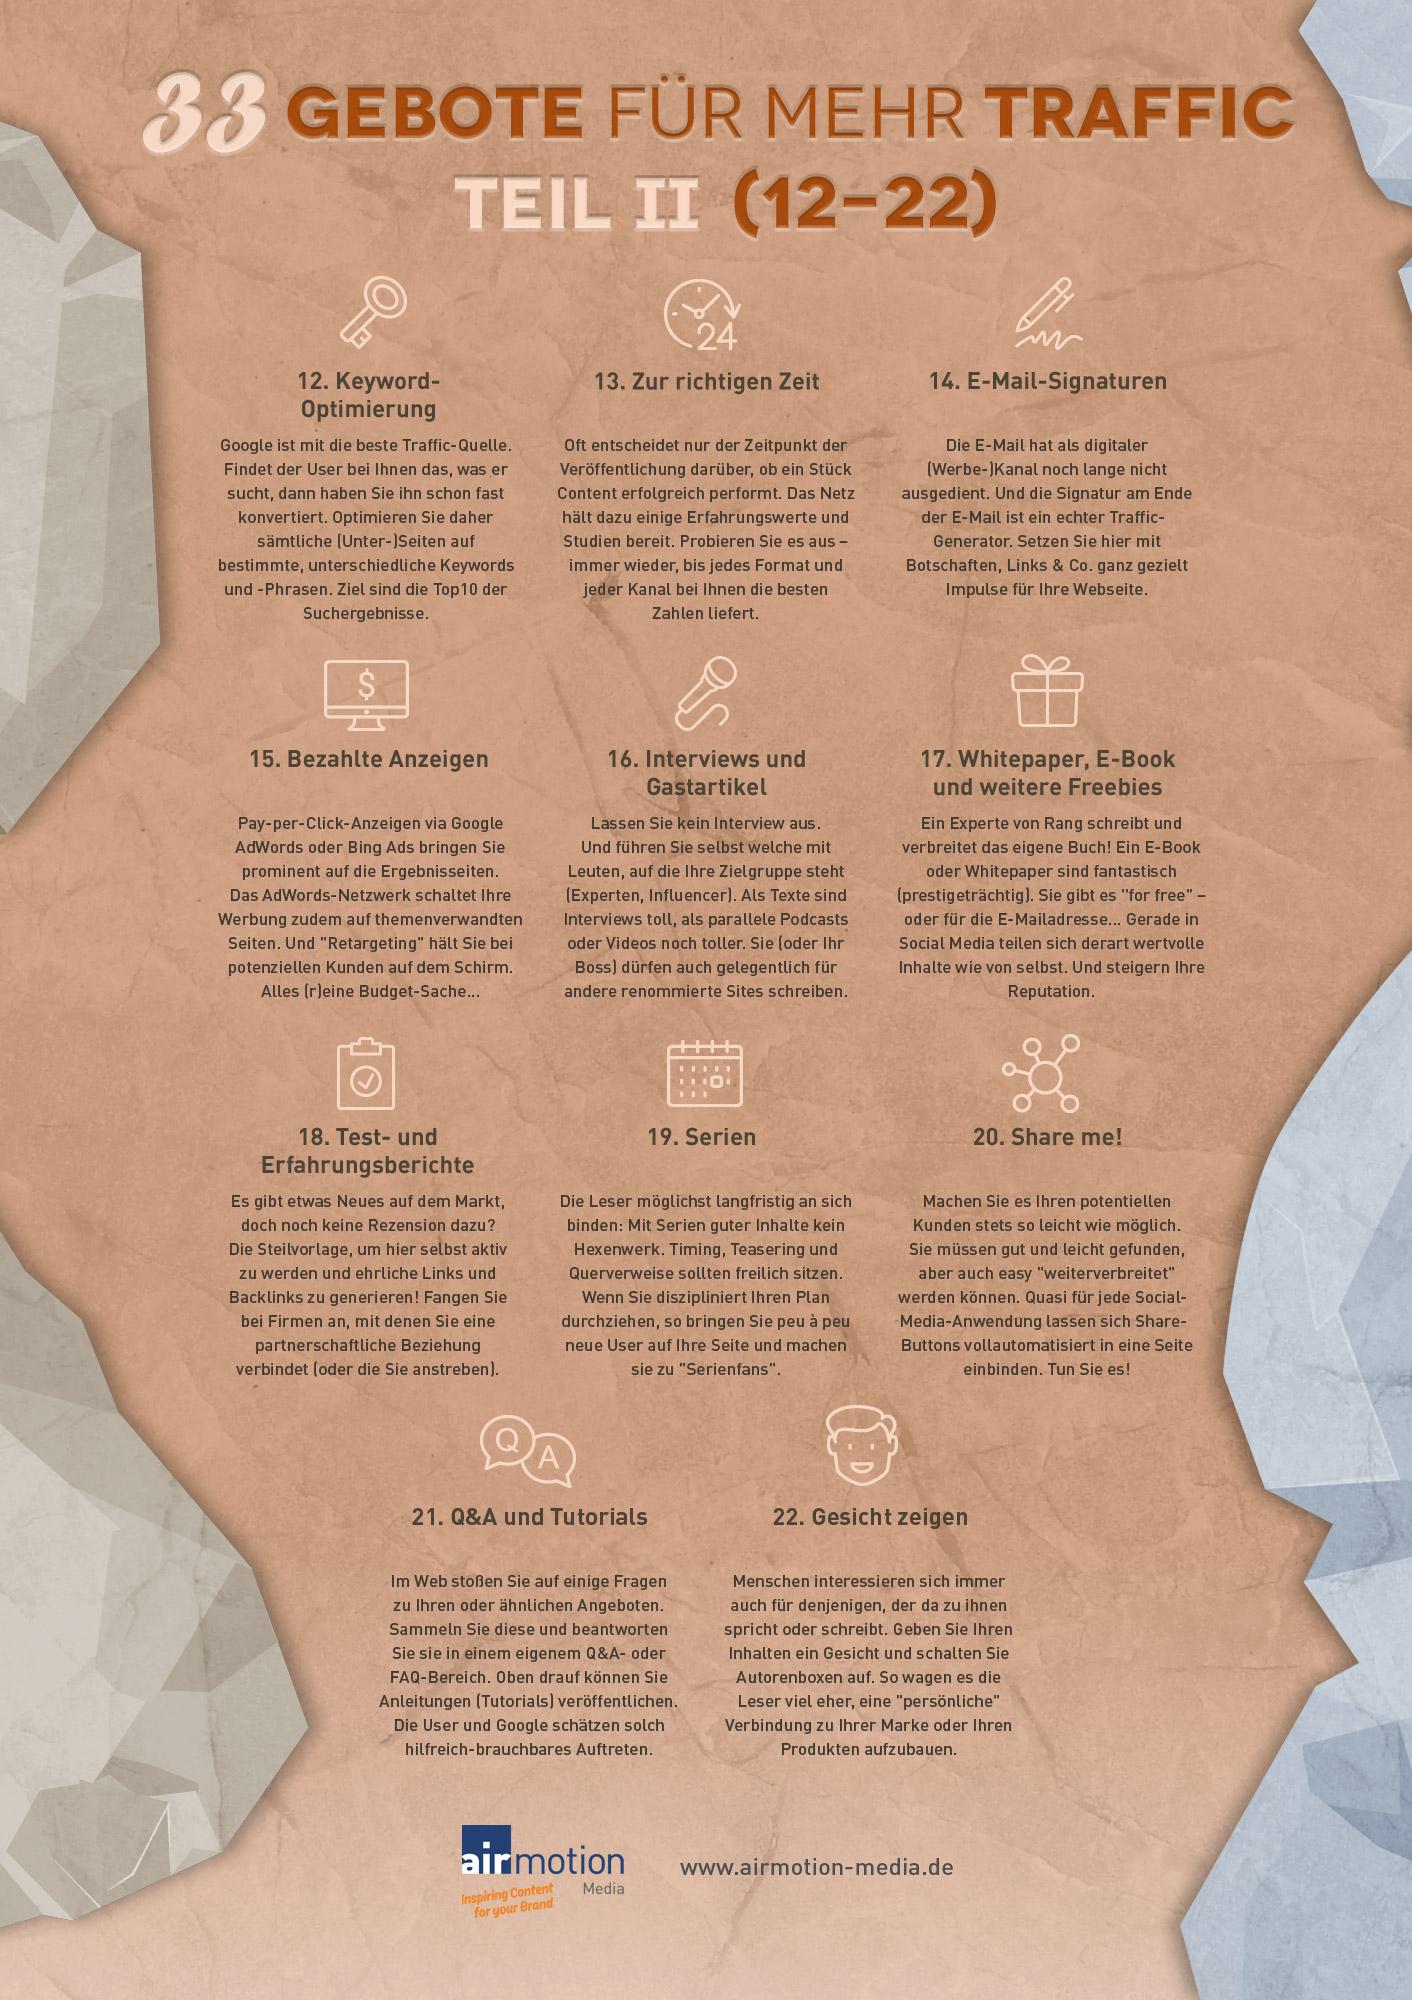 Infografik: Die zweiten elf der 33 Gebote für mehr Traffic – Airmotion Media